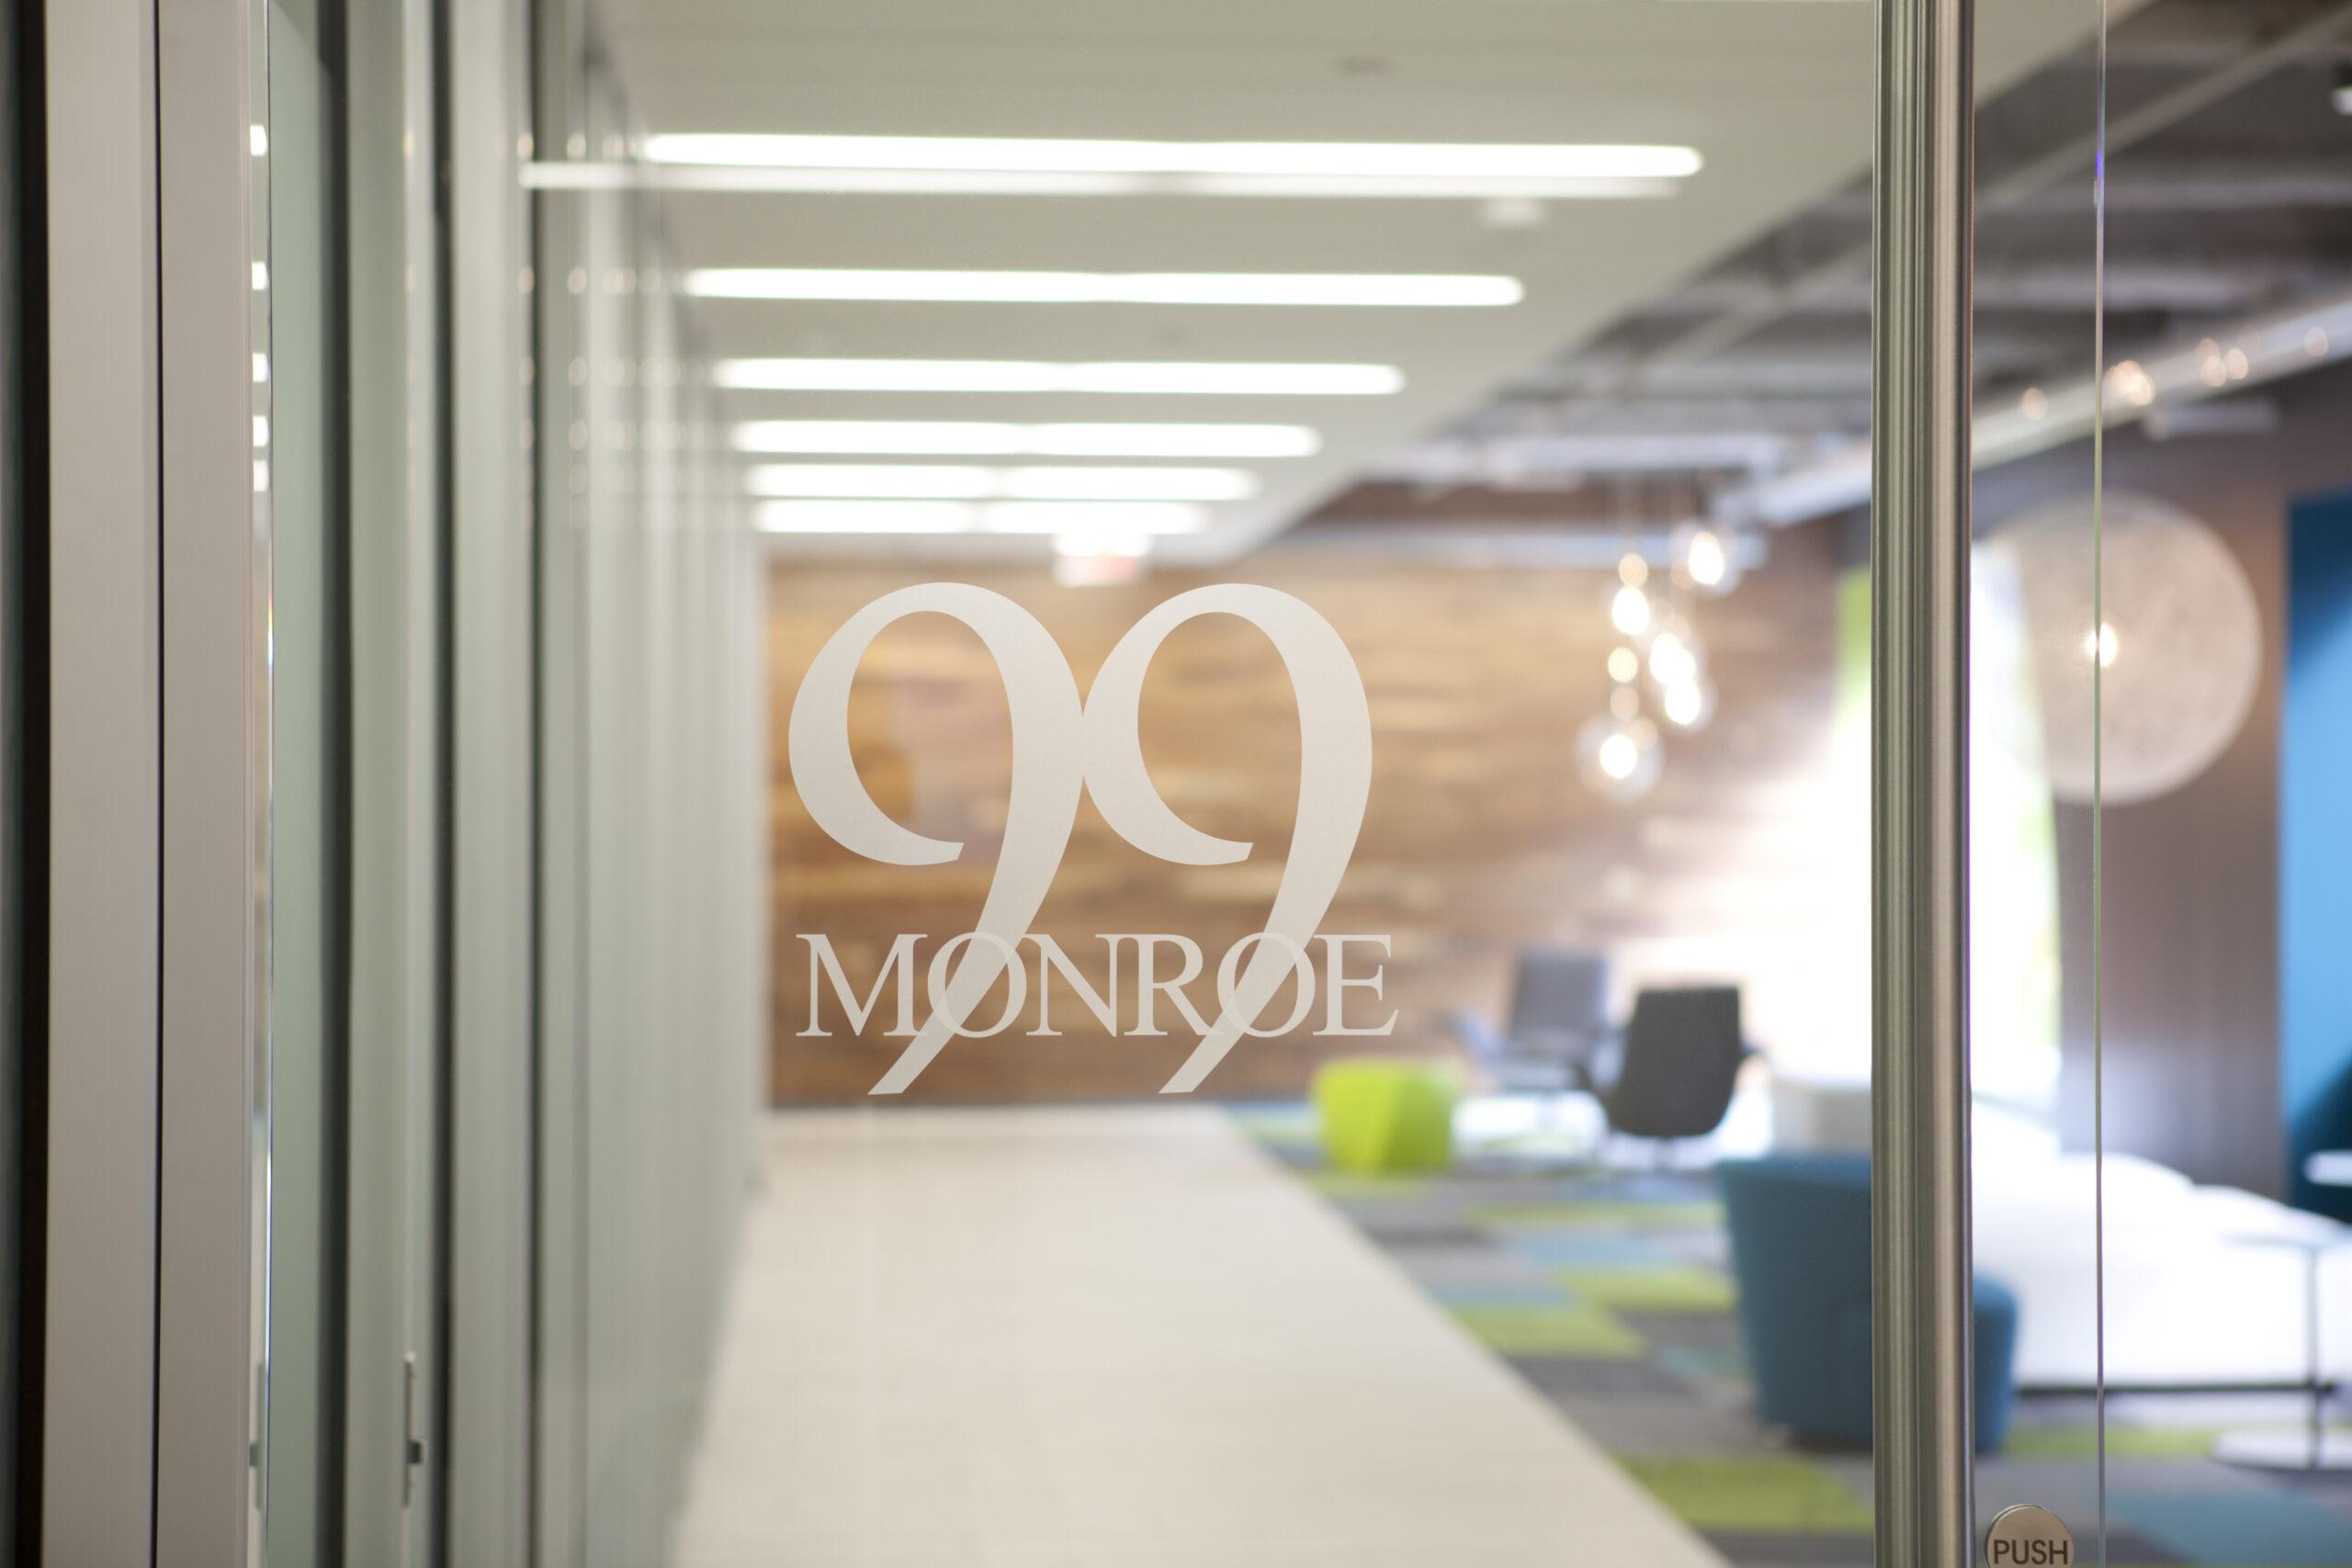 99 MONROE